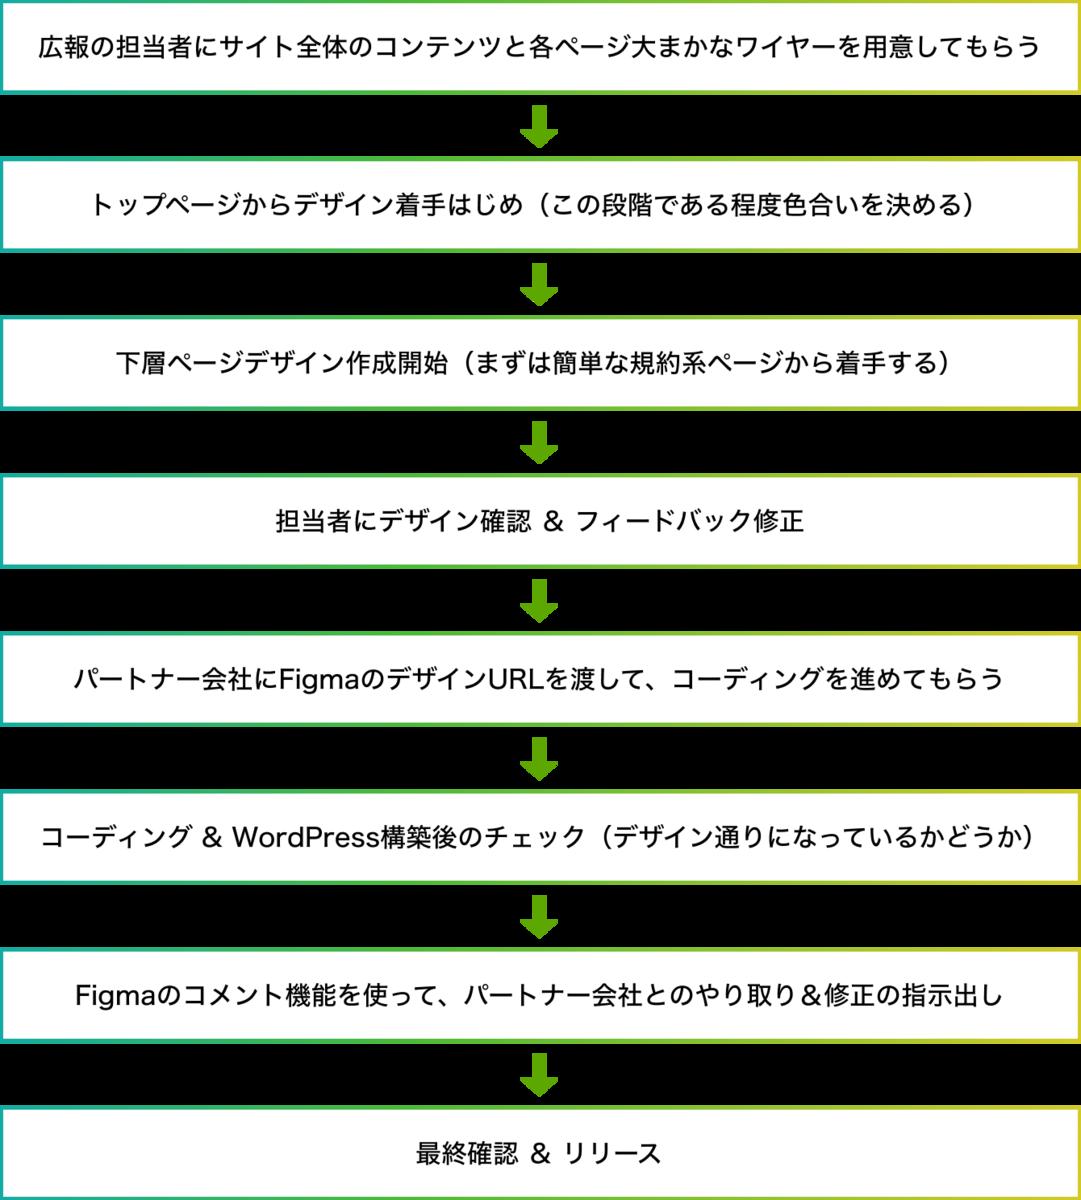 f:id:kyou_setsu:20200702152032p:plain